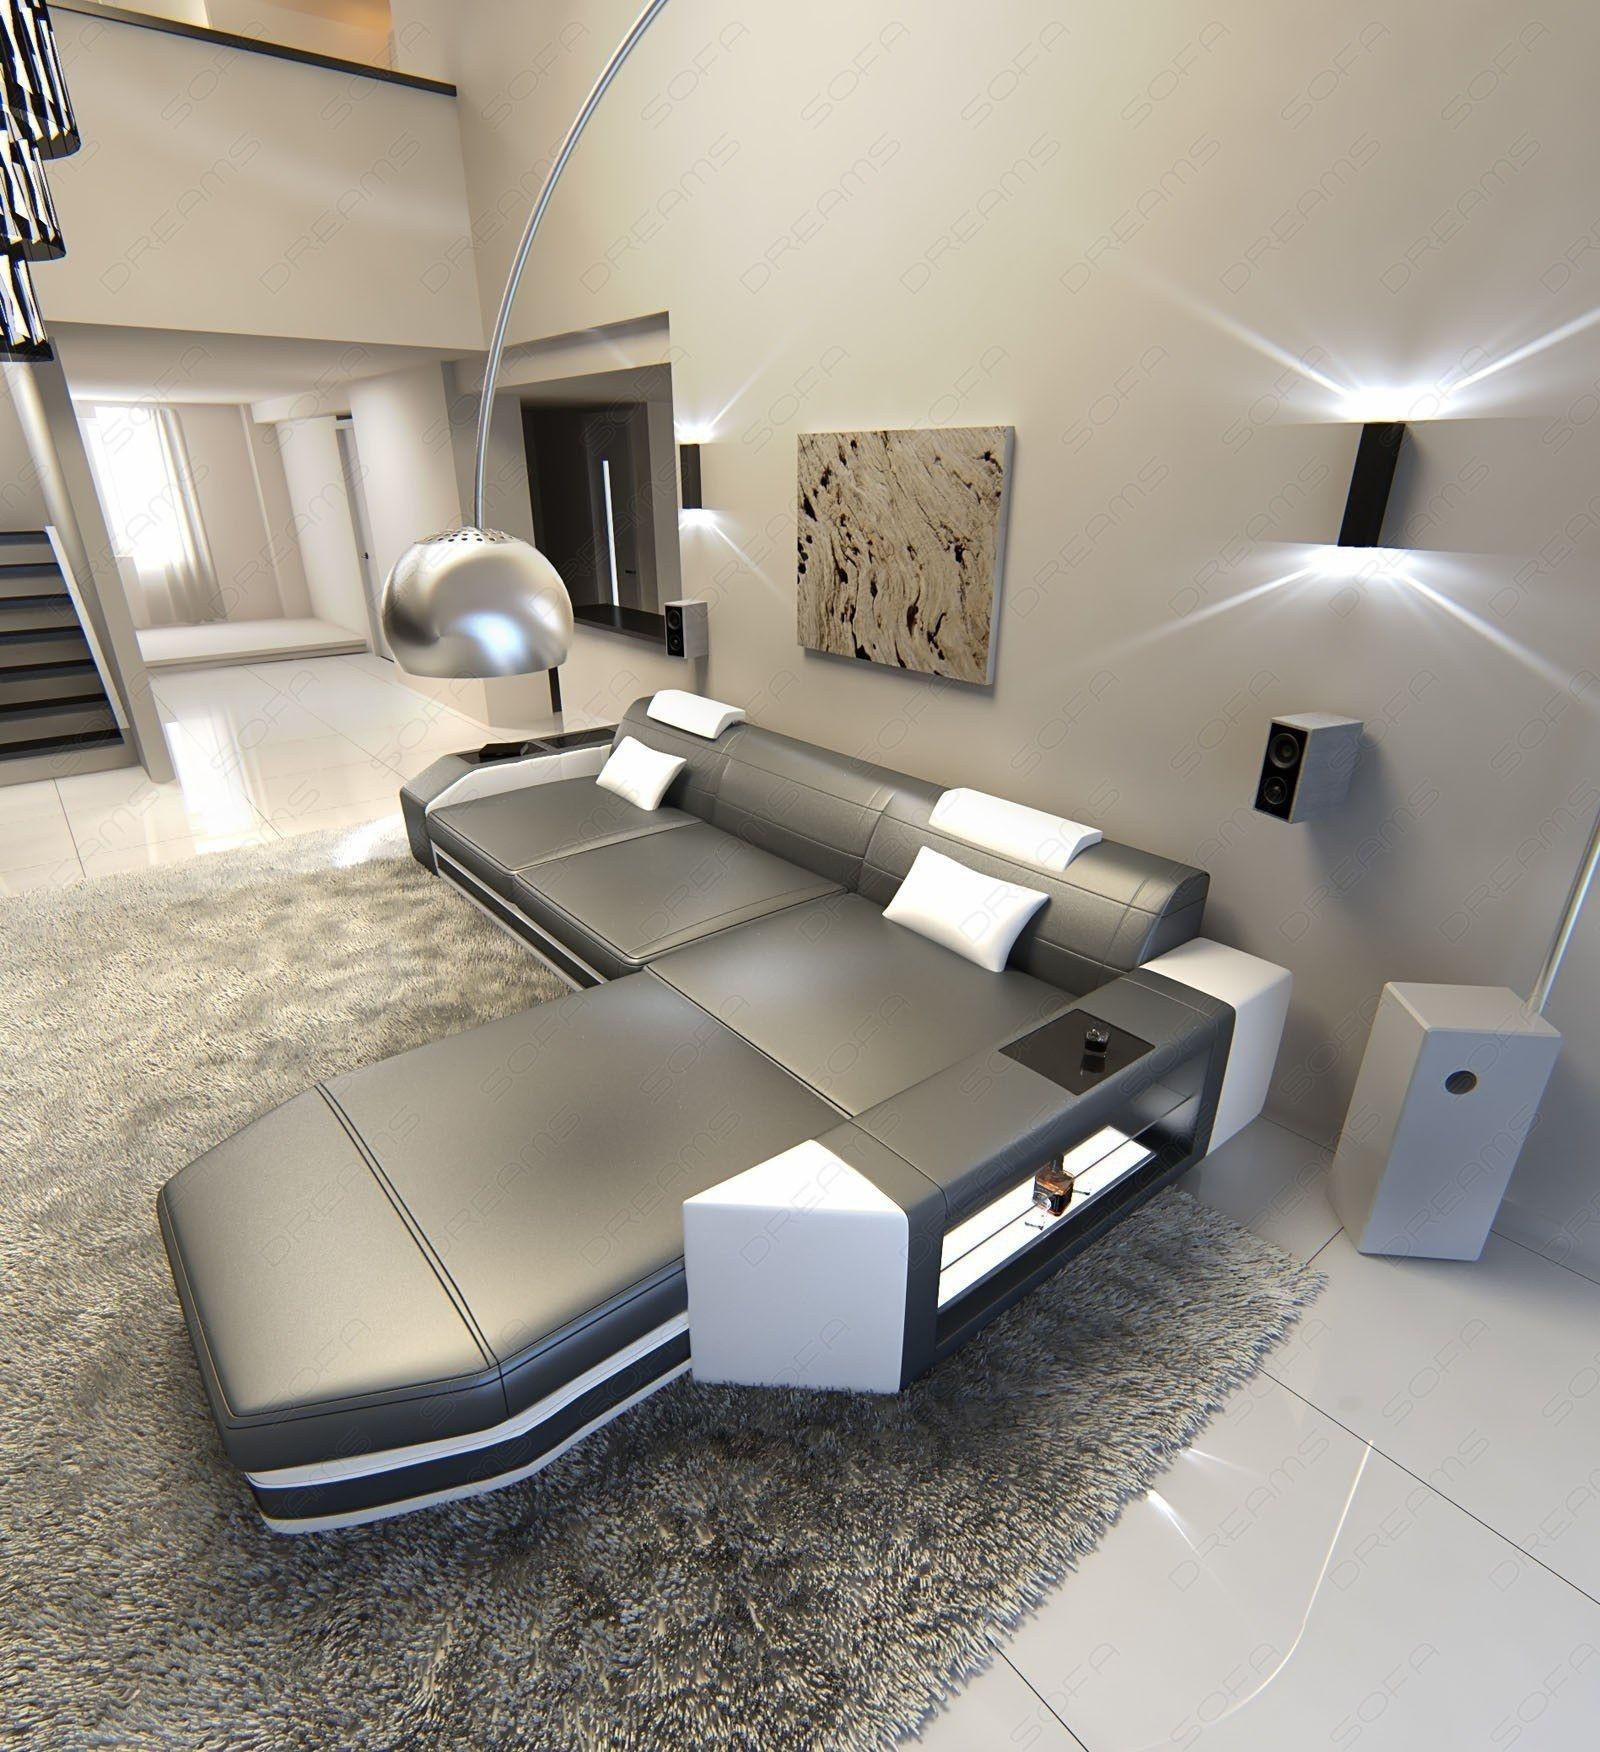 stilvolles Ledersofa Wohnzimmer für mehrere Personen